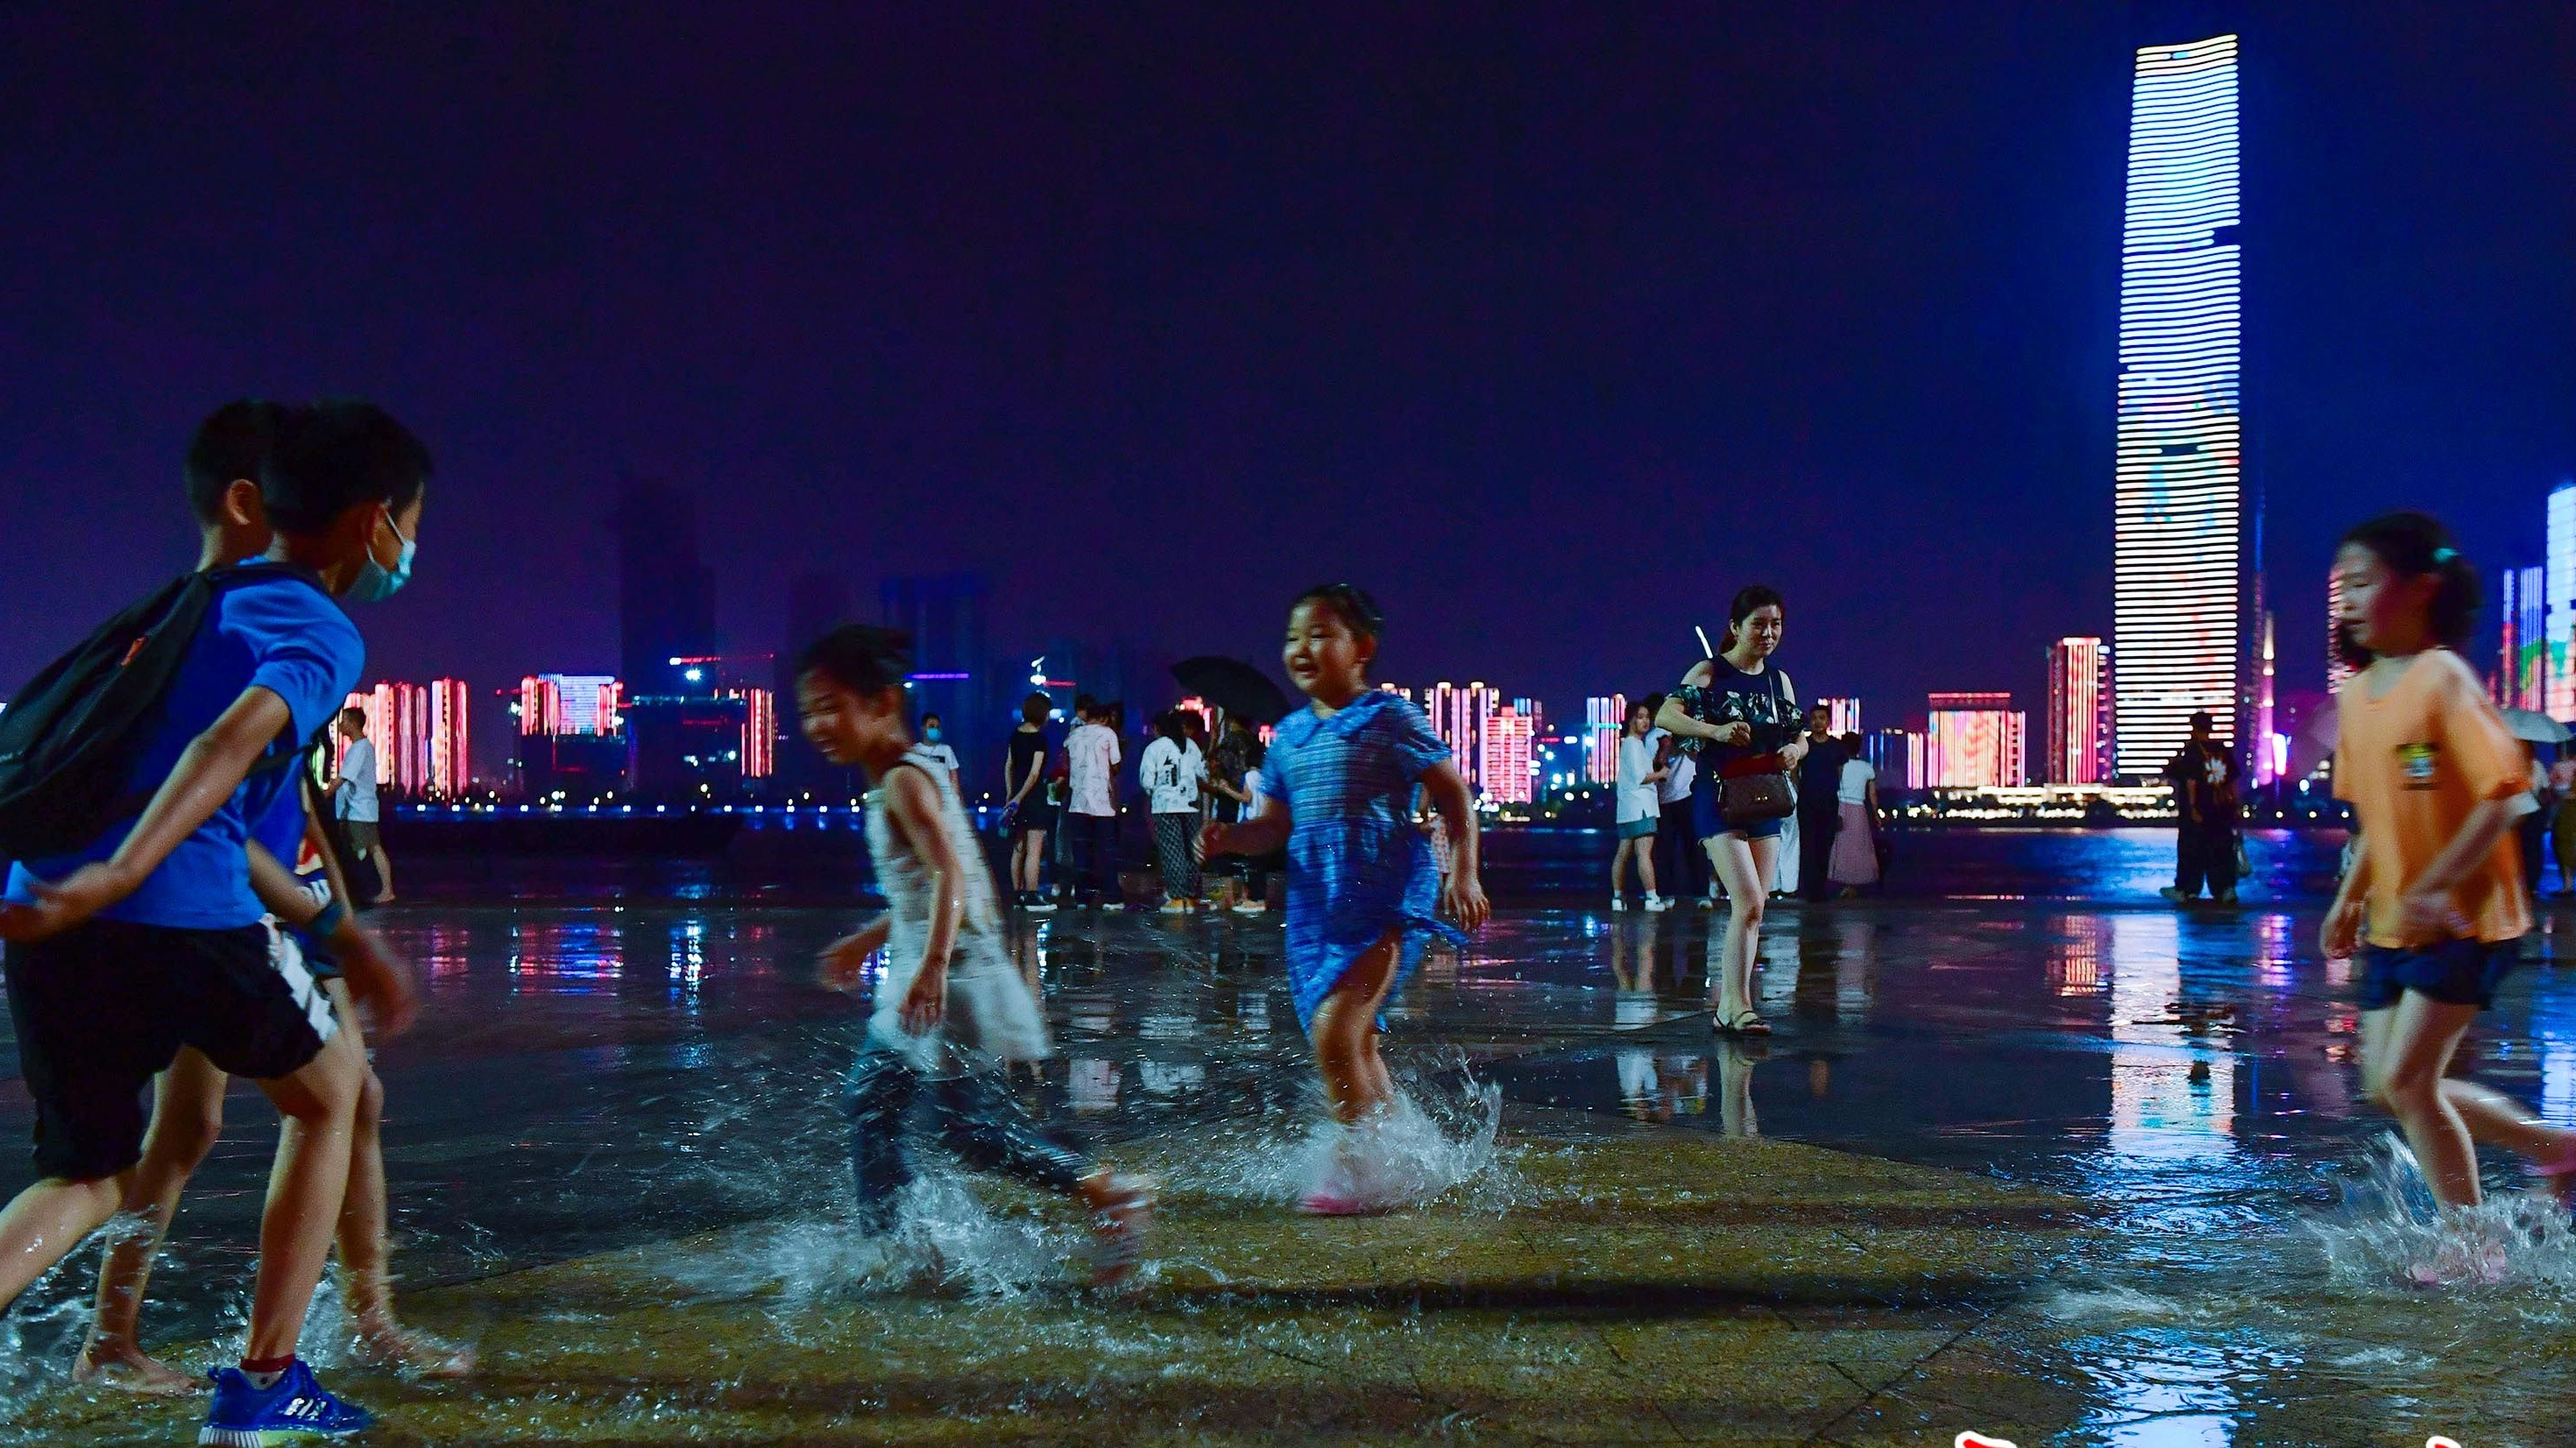 走,去江滩散步乘凉